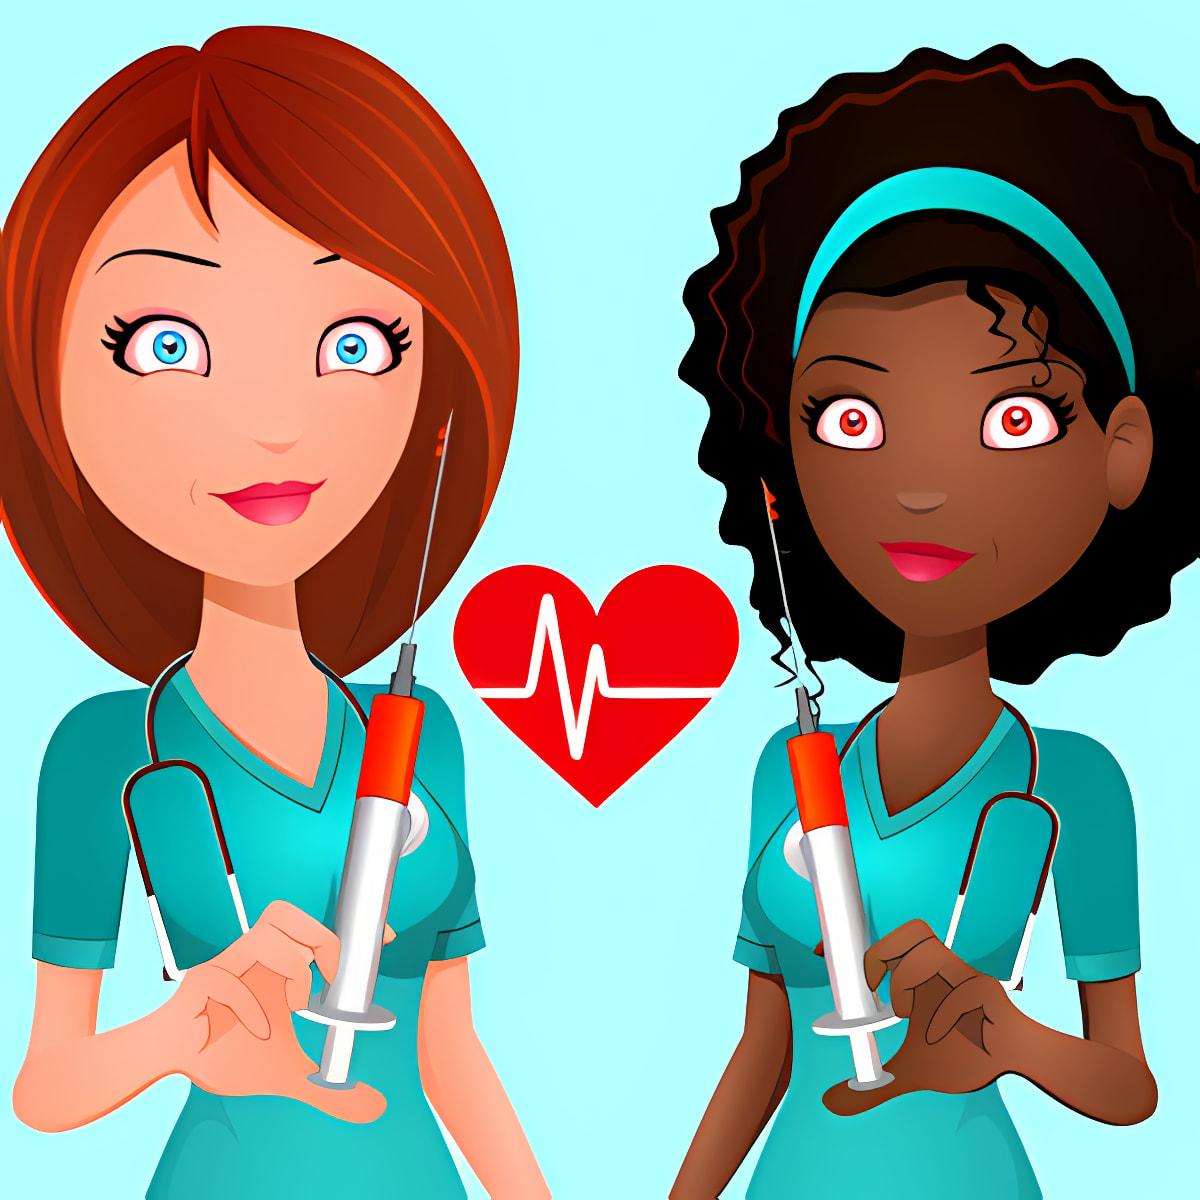 NurseMoji - All Nurse Emojis 2.0